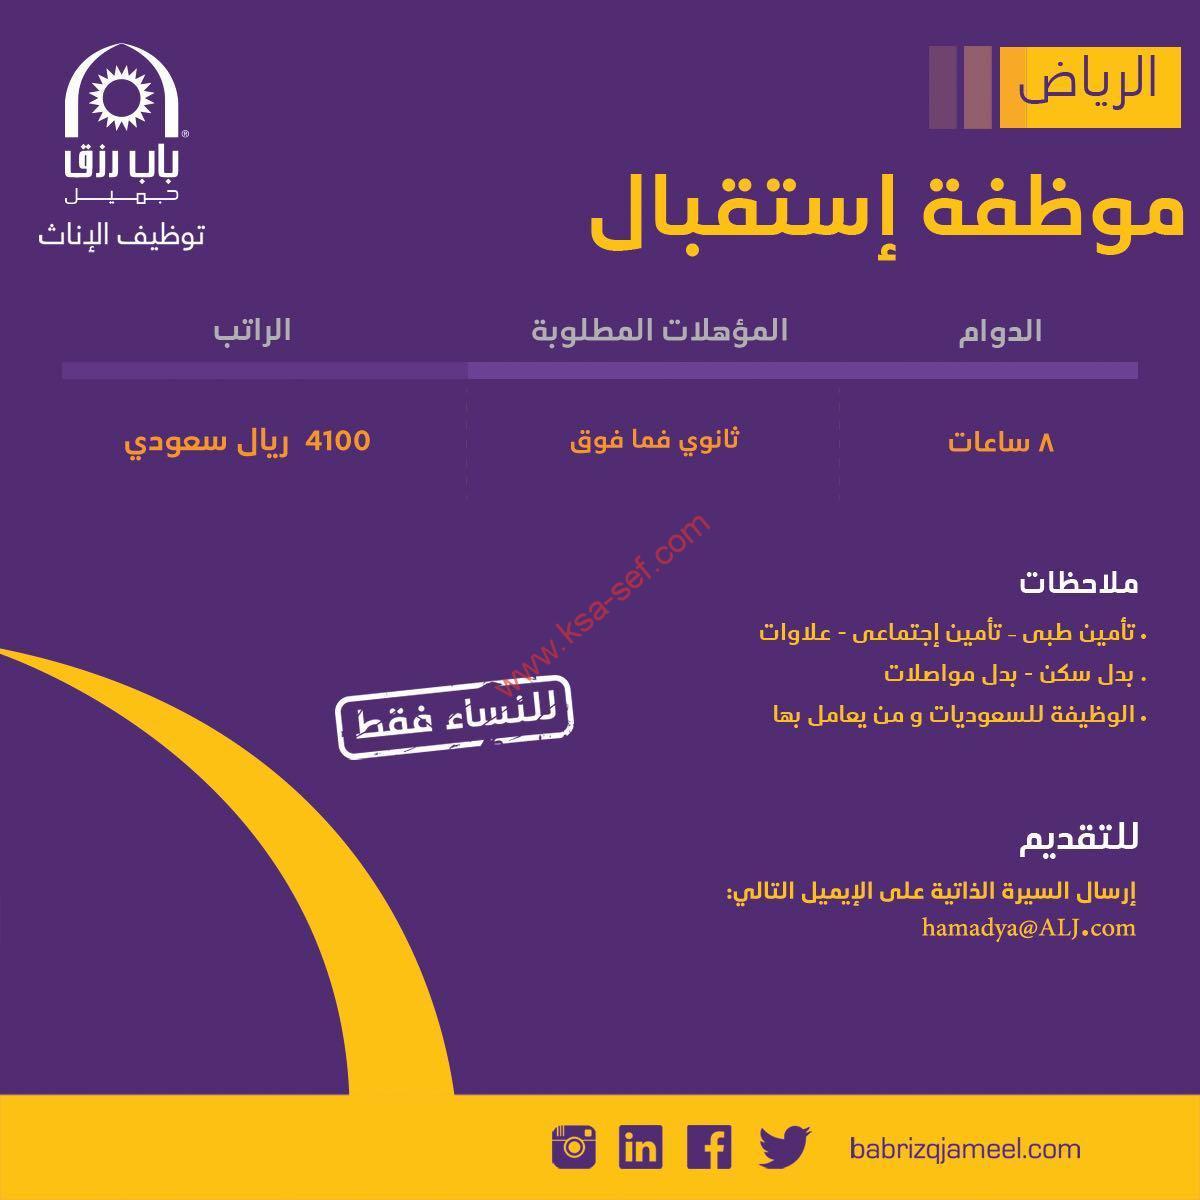 #وظائف للسيدات في #الرياض موظفة استقبال   #توظيف #توظيف_الإناث  #باب_رزق_جميل